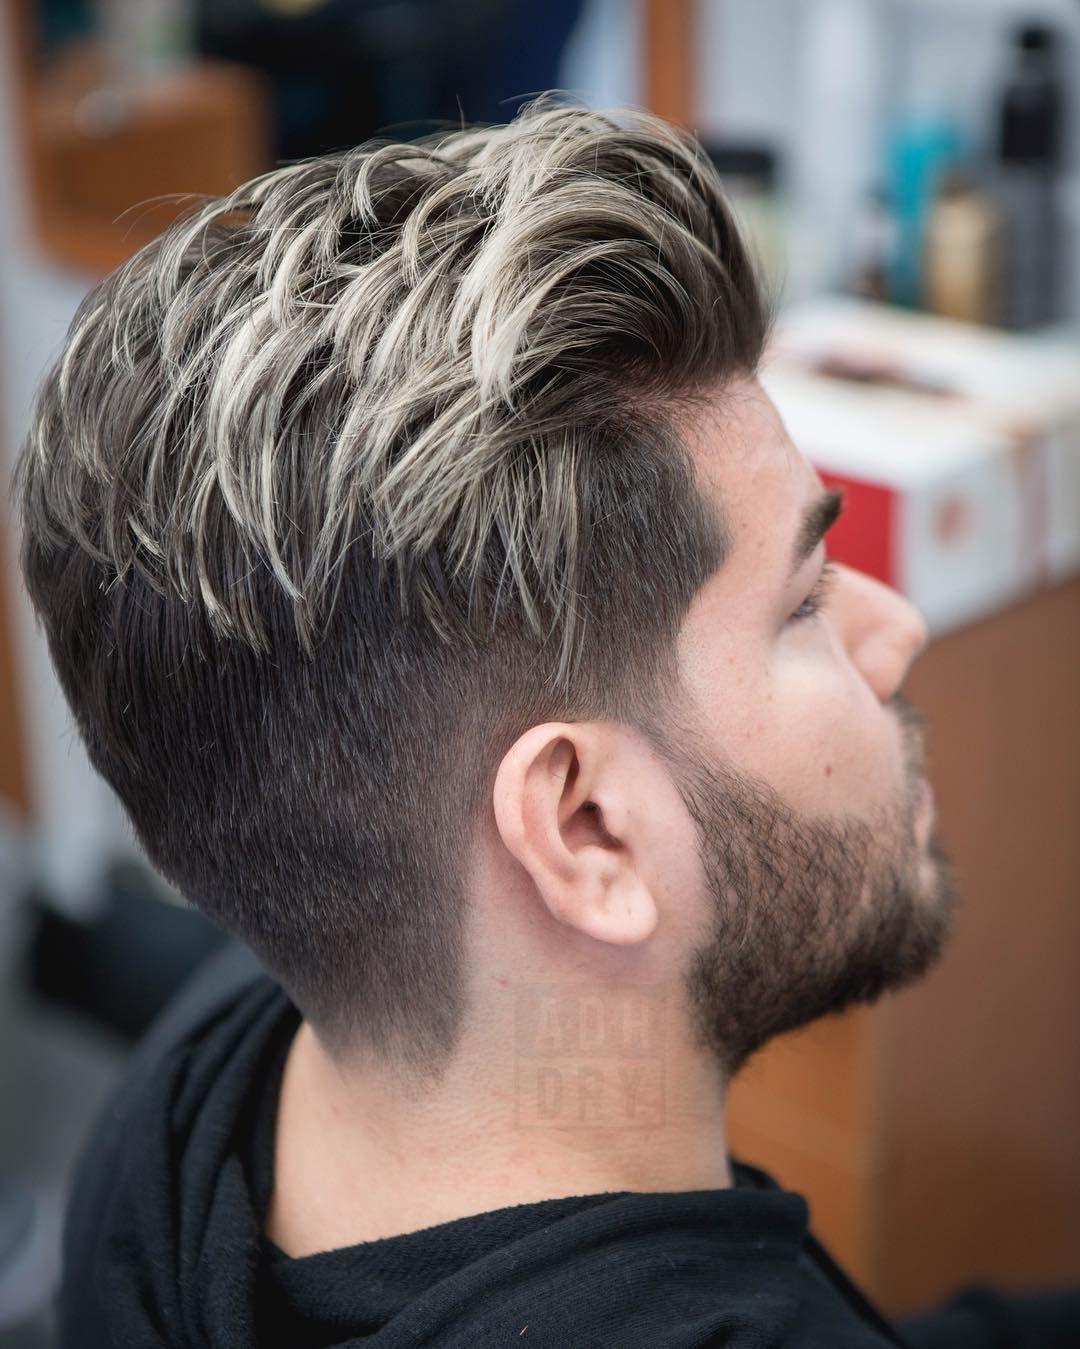 50 Best Frisuren Für Männer Erscheinen Jung Wild Und Frei Hair